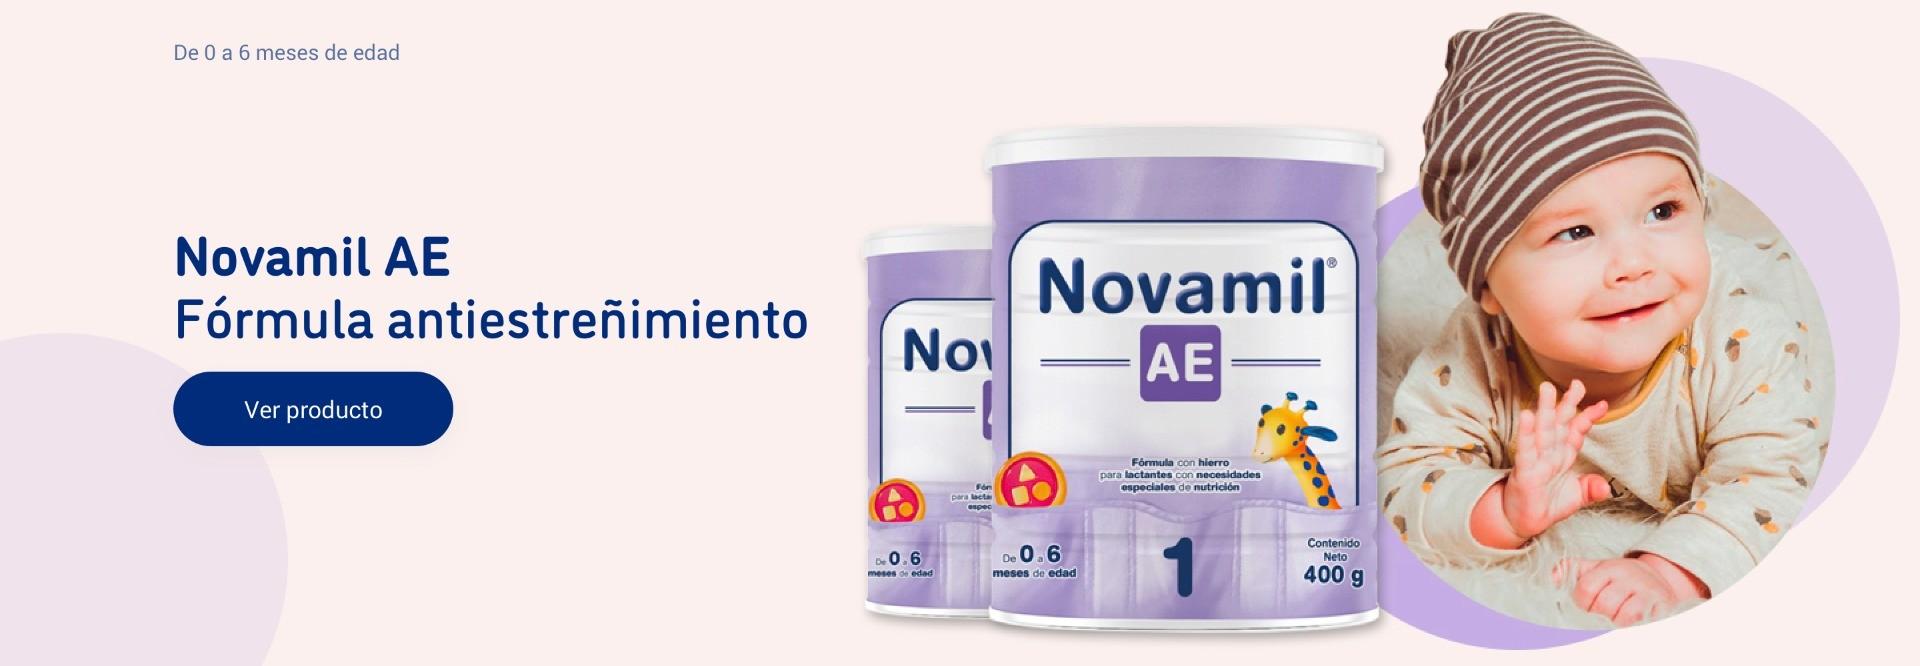 Novamil AE. Fórmula antiestreñimiento